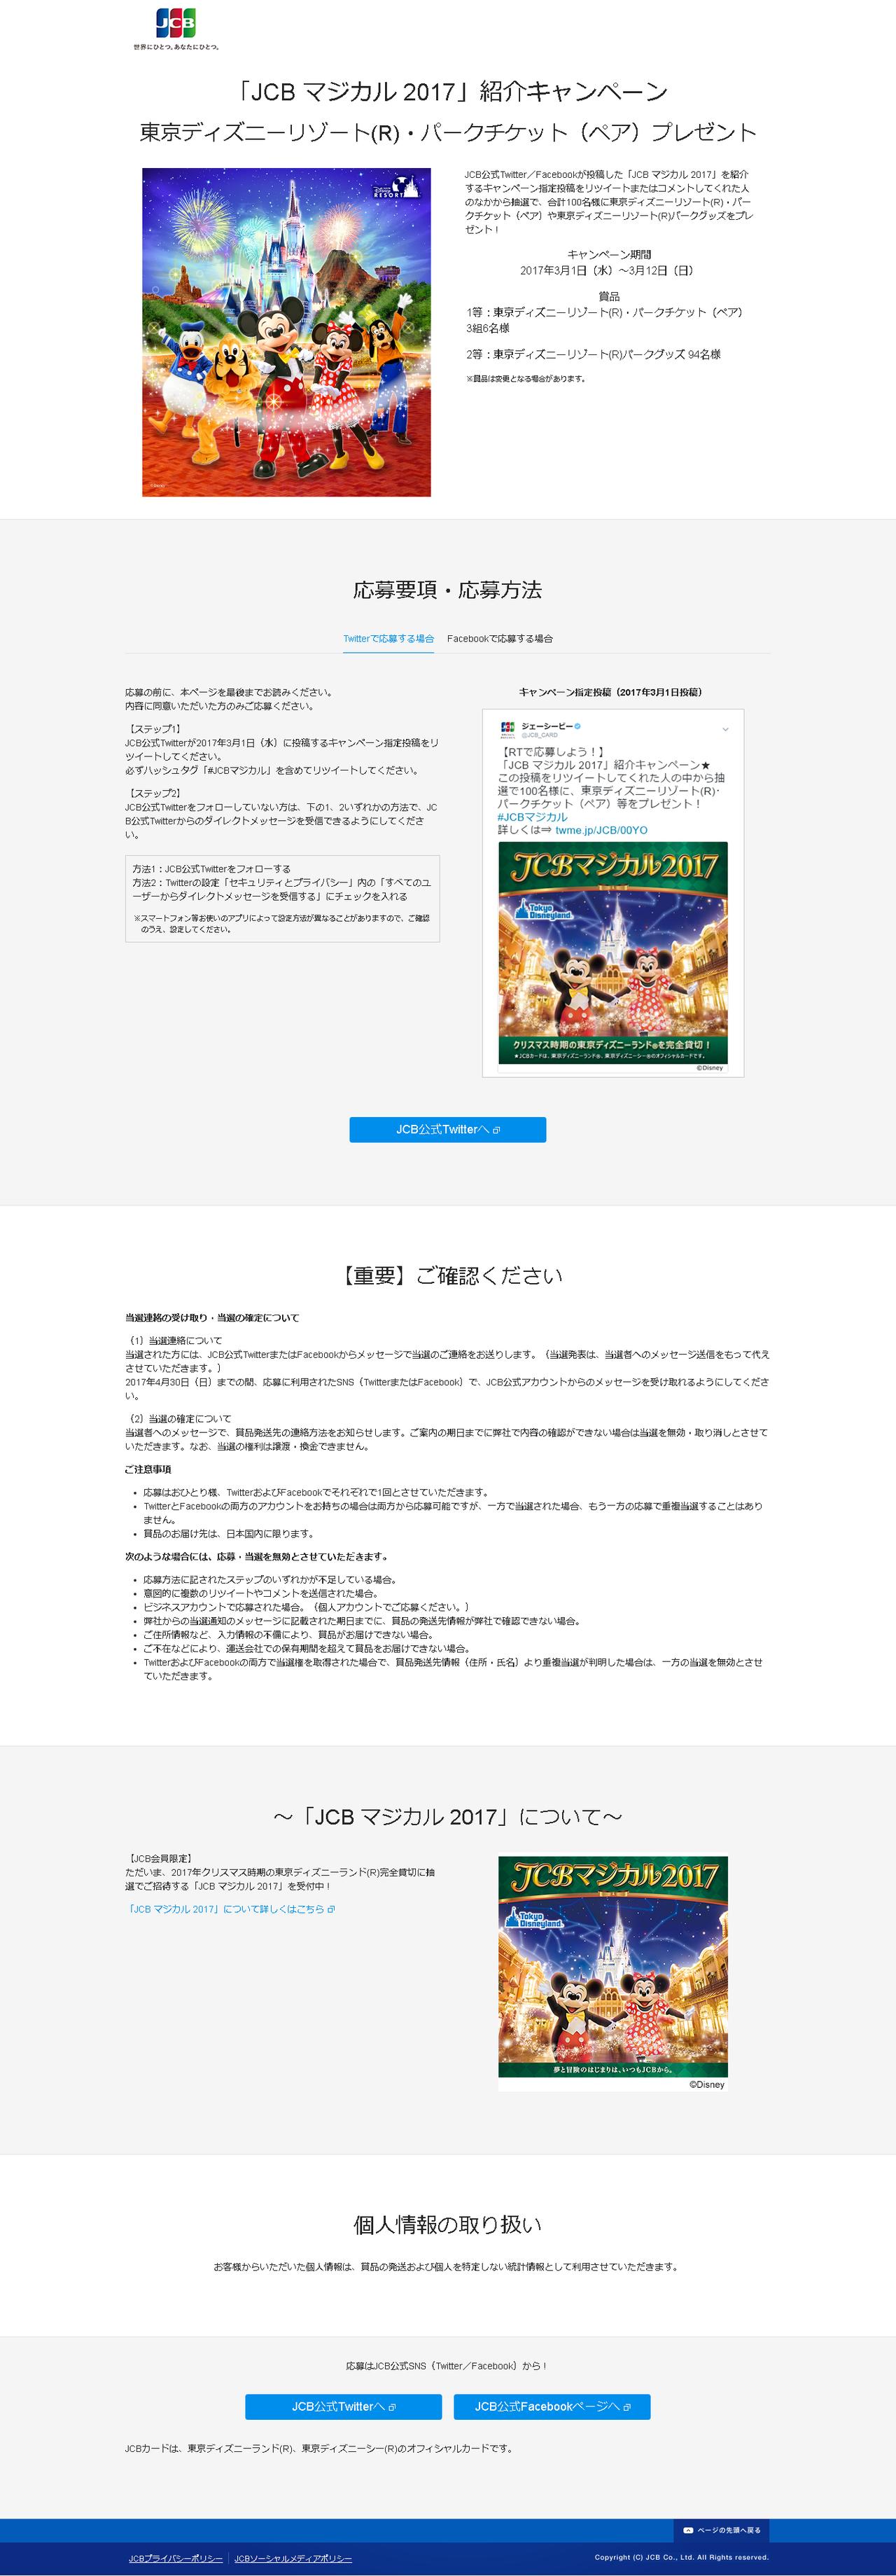 ジェーシービー】「jcb マジカル 2017」紹介キャンペーン 東京ディズニー